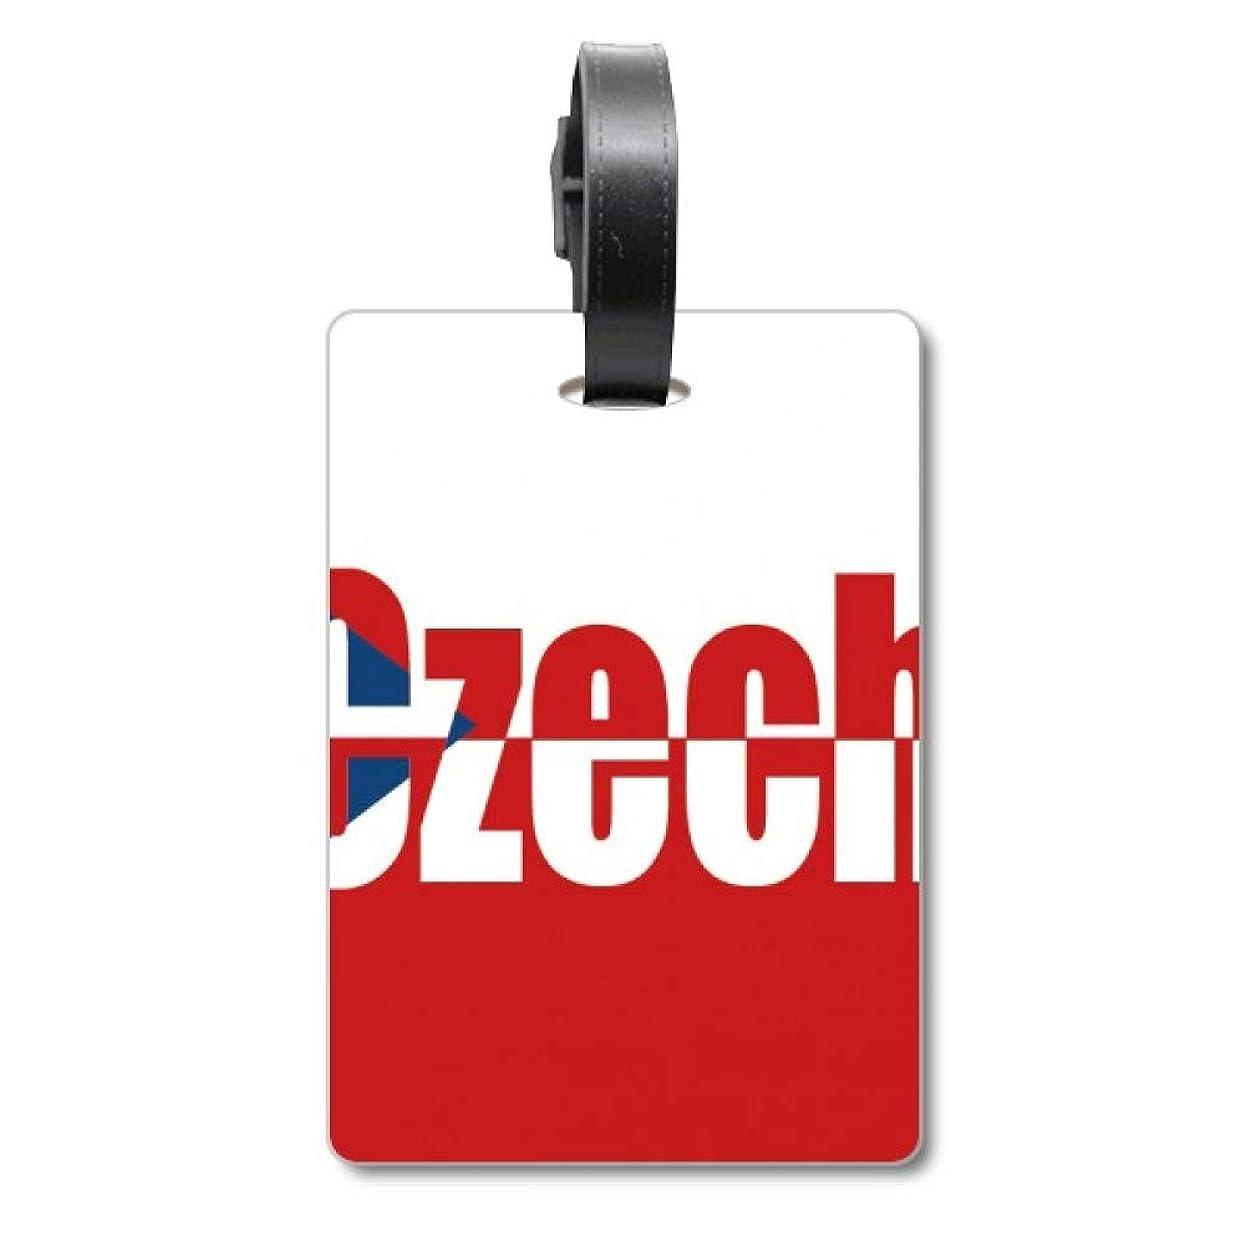 セール提案ローンチェコの国の旗の名 旅行カバンのタグ旅行者の識別標識